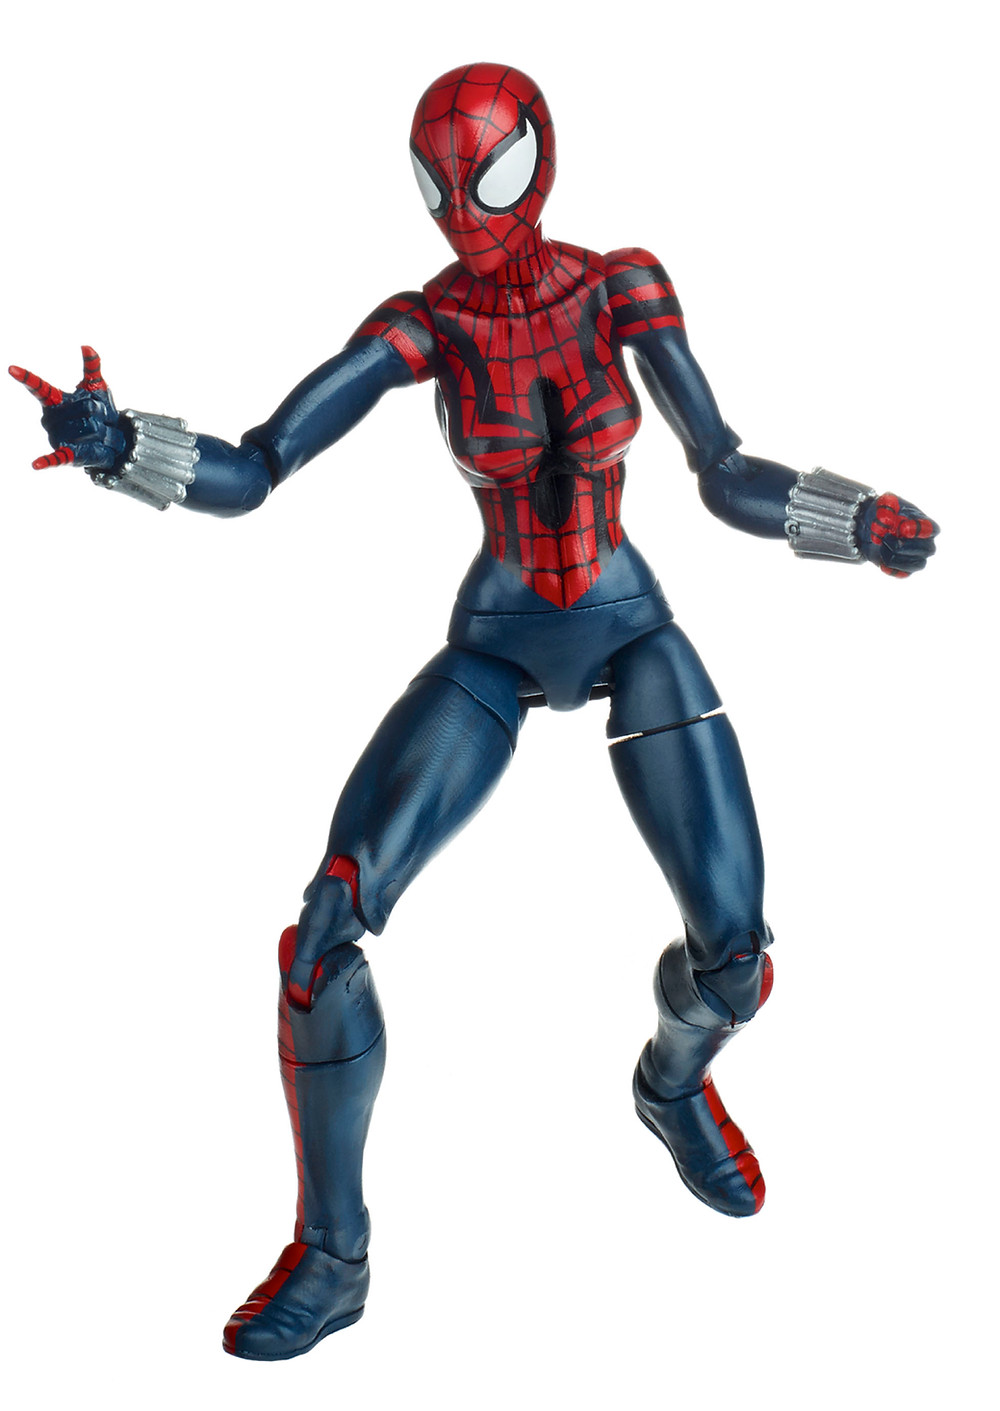 SpiderManLegendsWave1-Spider-Girl.jpg